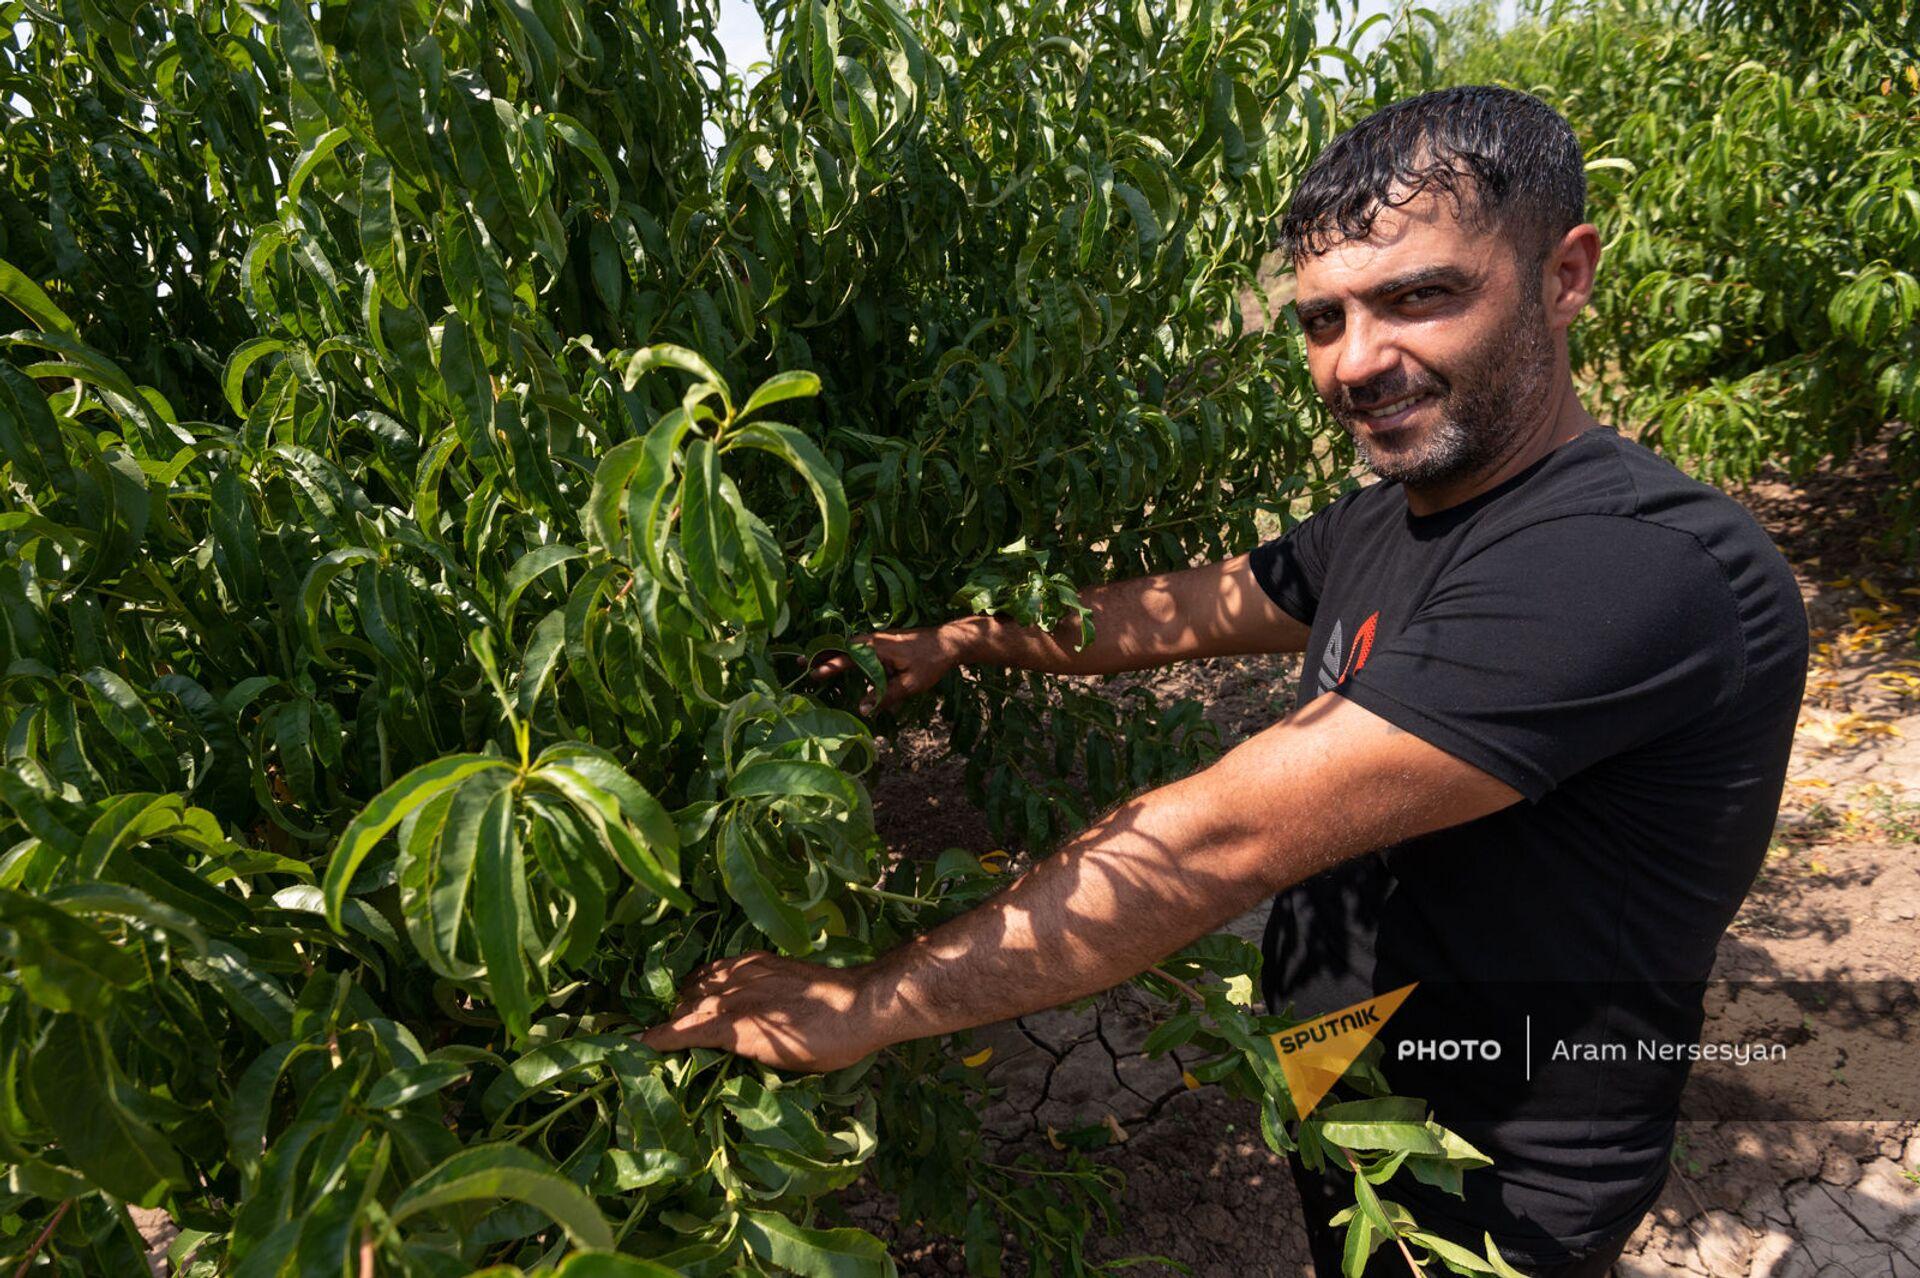 Тысяча деревьев из одной косточки: как в Армении выращивают нектарины - Sputnik Армения, 1920, 26.07.2021